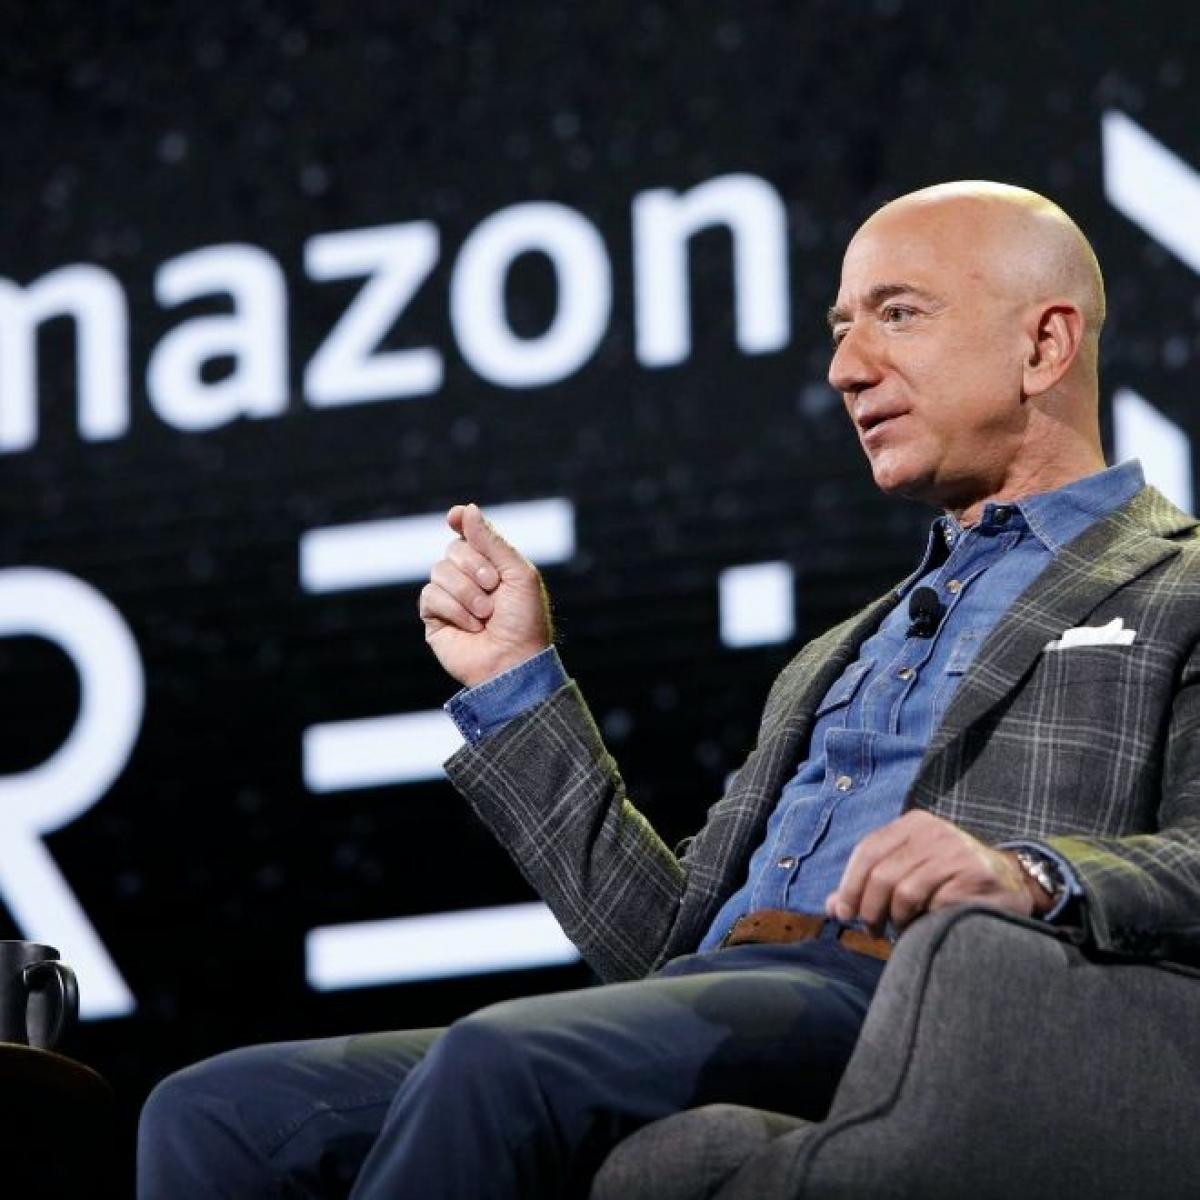 Tỷ phú Jeff Bezos là người giàu nhất thế giới suốt 4 năm liên tiếp.